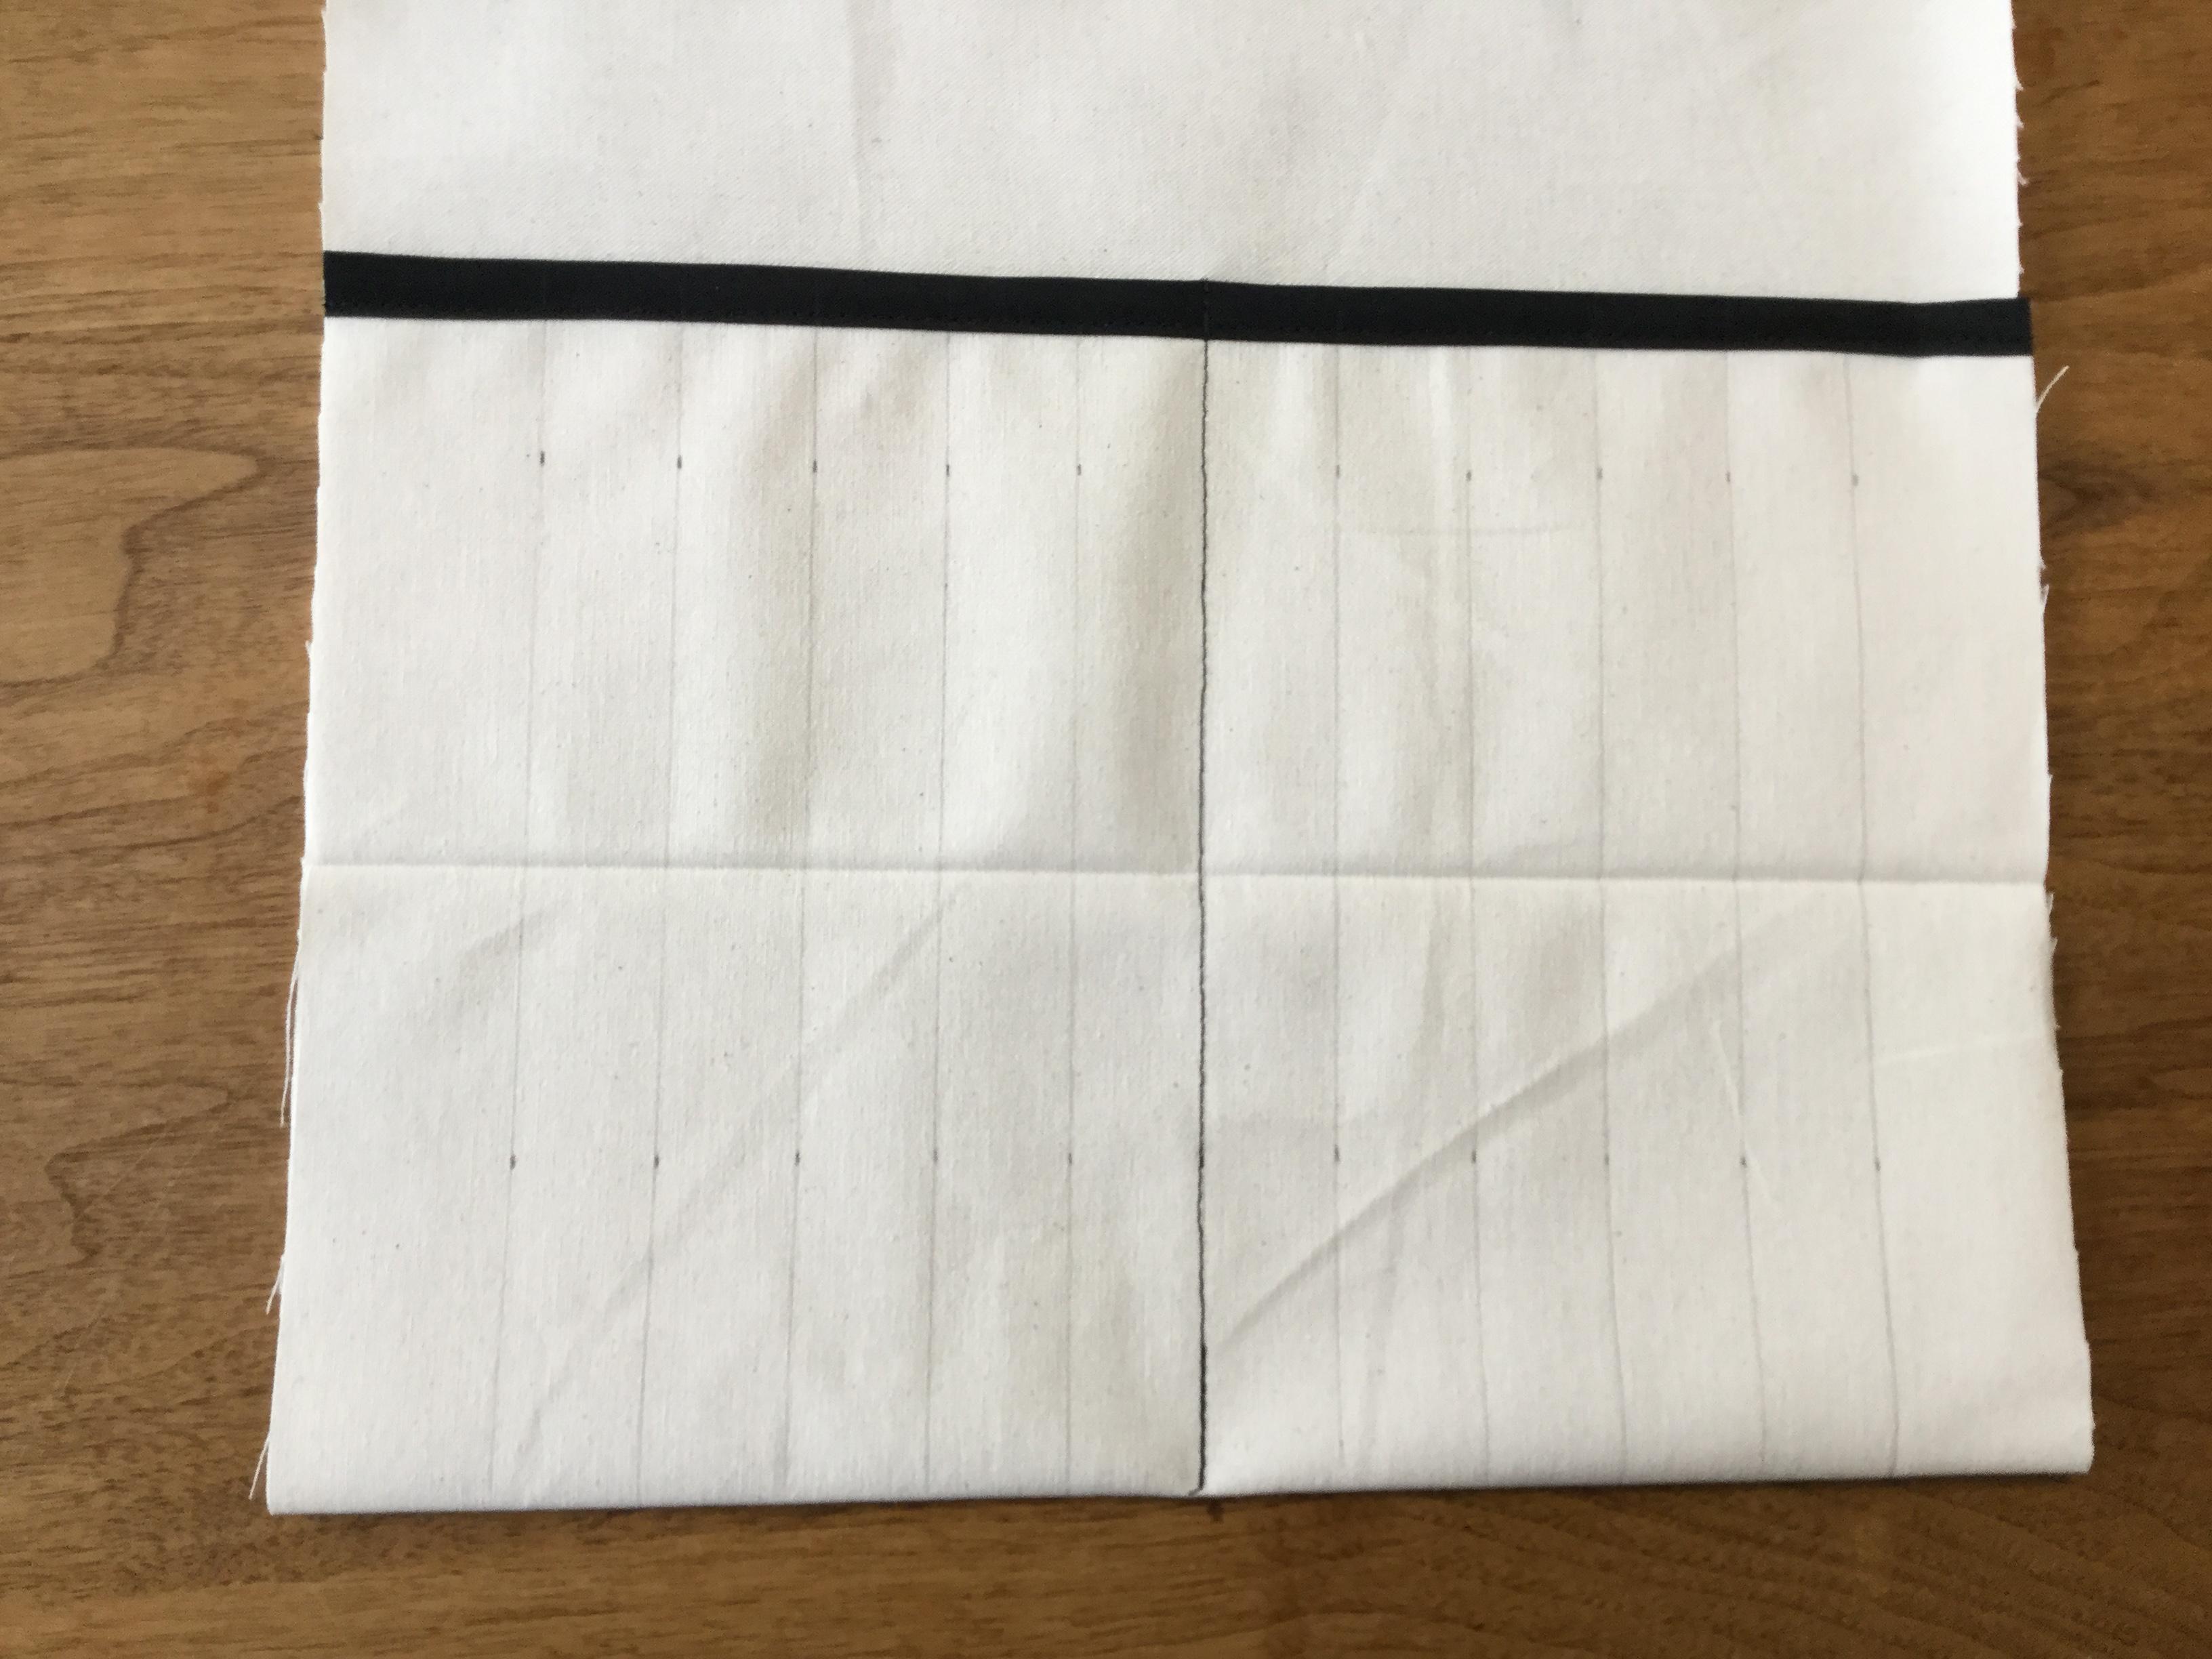 Knitting Needle Holder Pattern Free: Michele bilyeu creates with ...